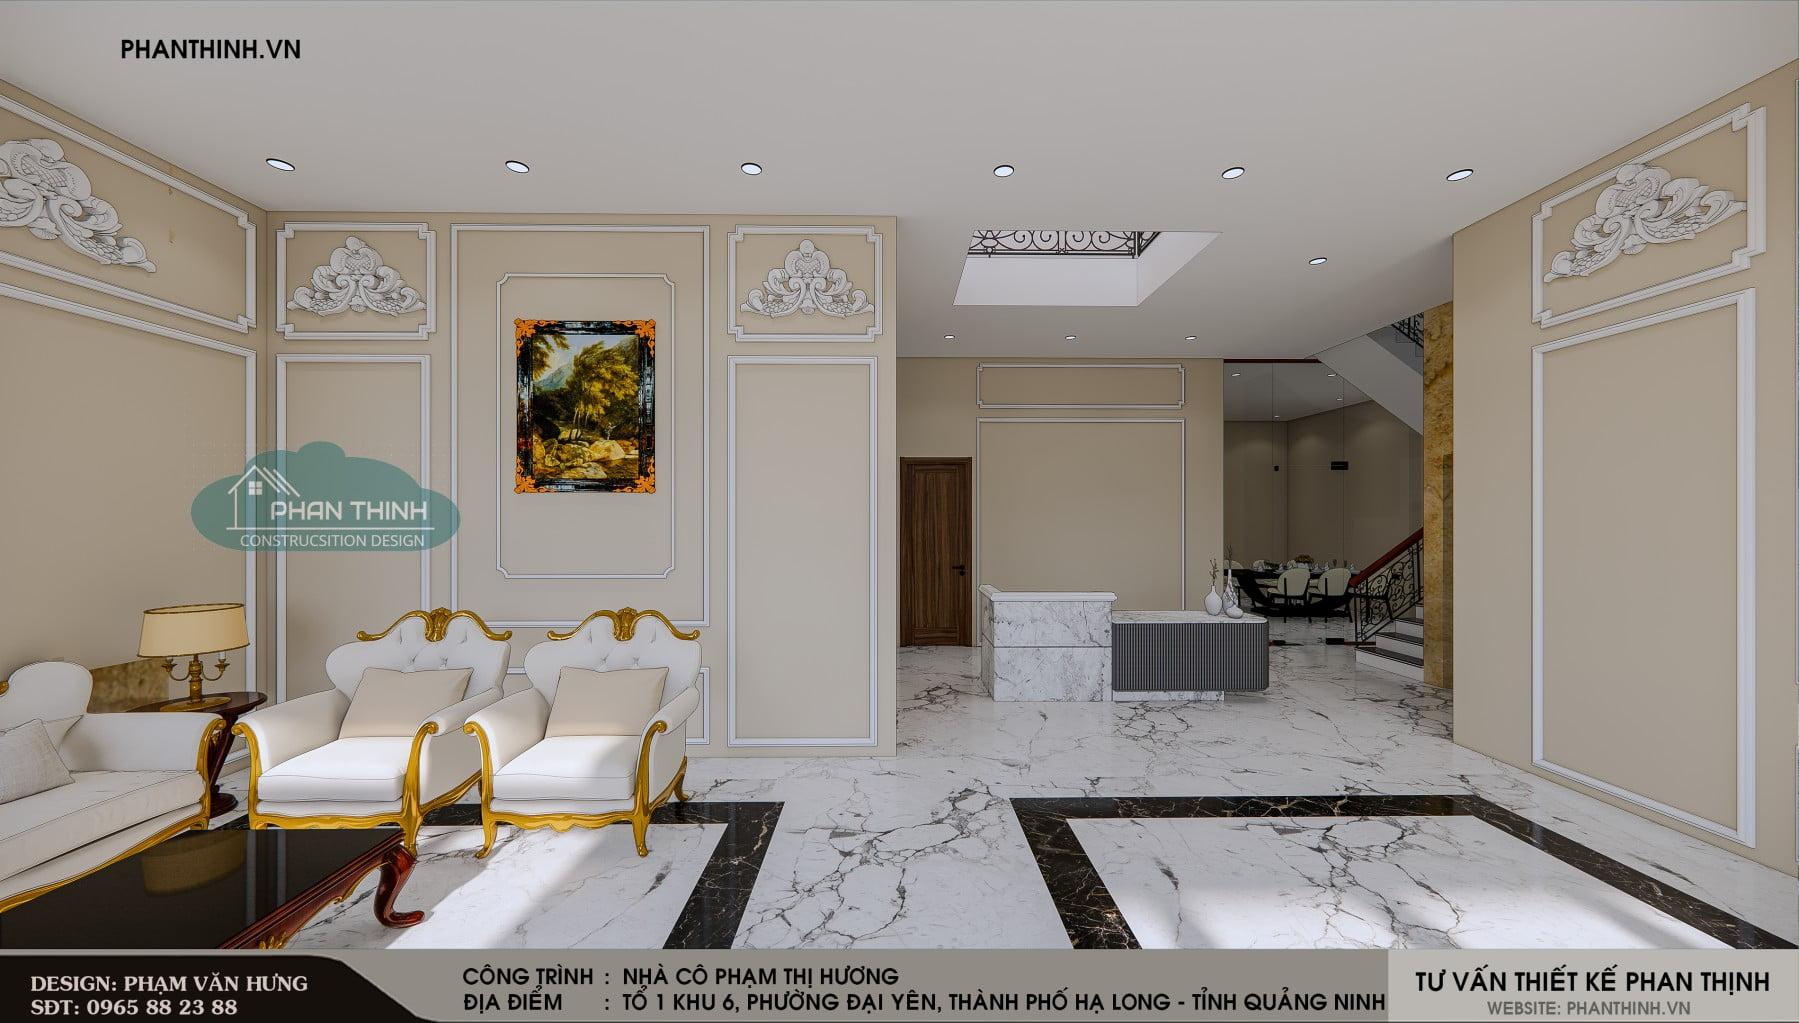 Thiết kế nội thất phía trong khu vực tiếp khách